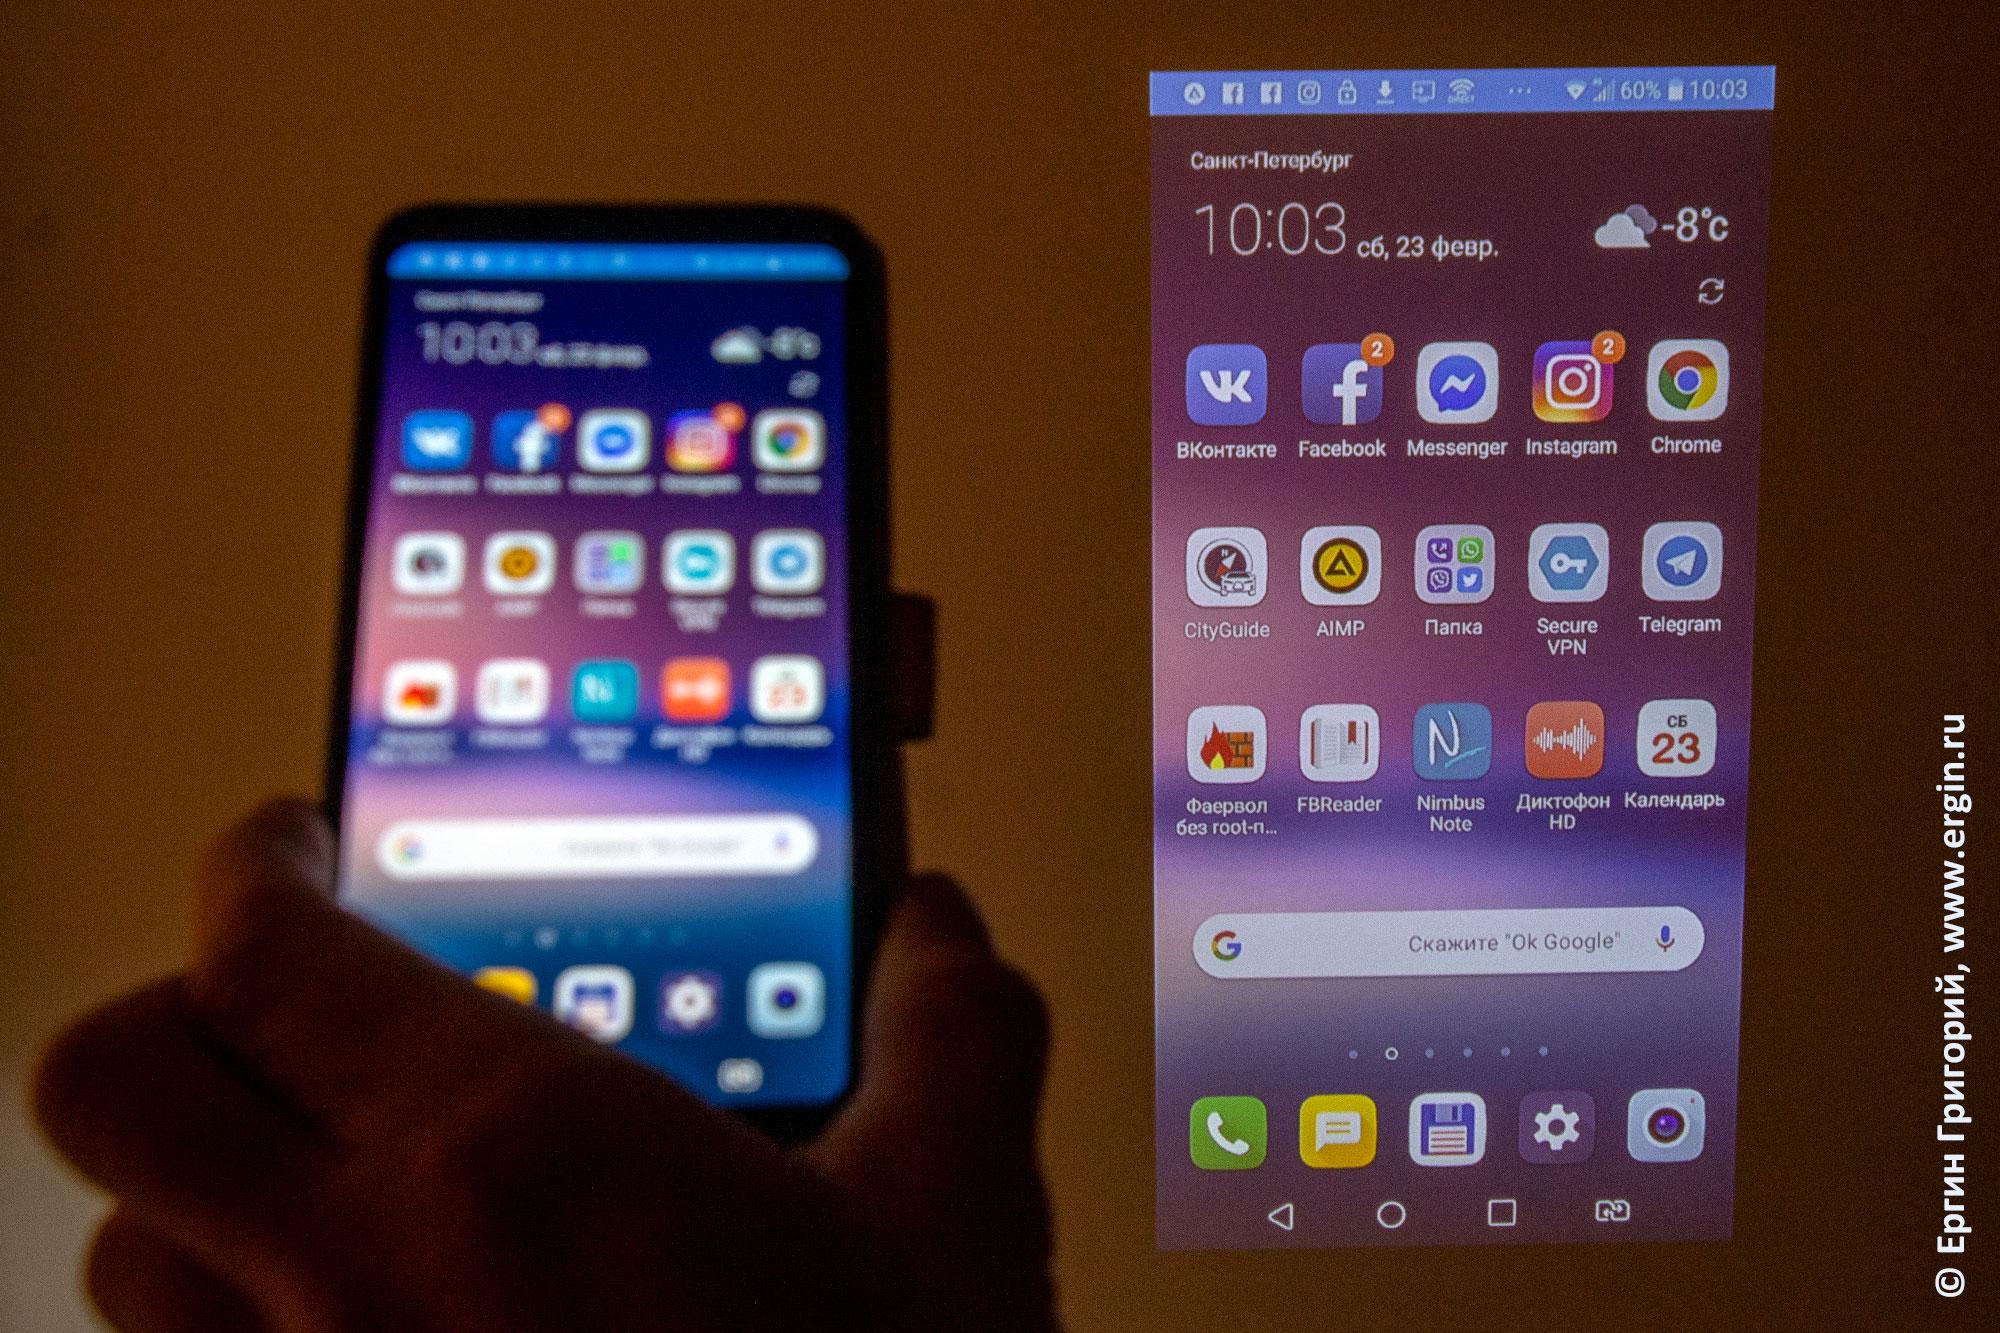 Вывод экрана изображения с Android телефона на компактный носимый проектор CineBeam LG PF50KS со встроенным аккумулятором